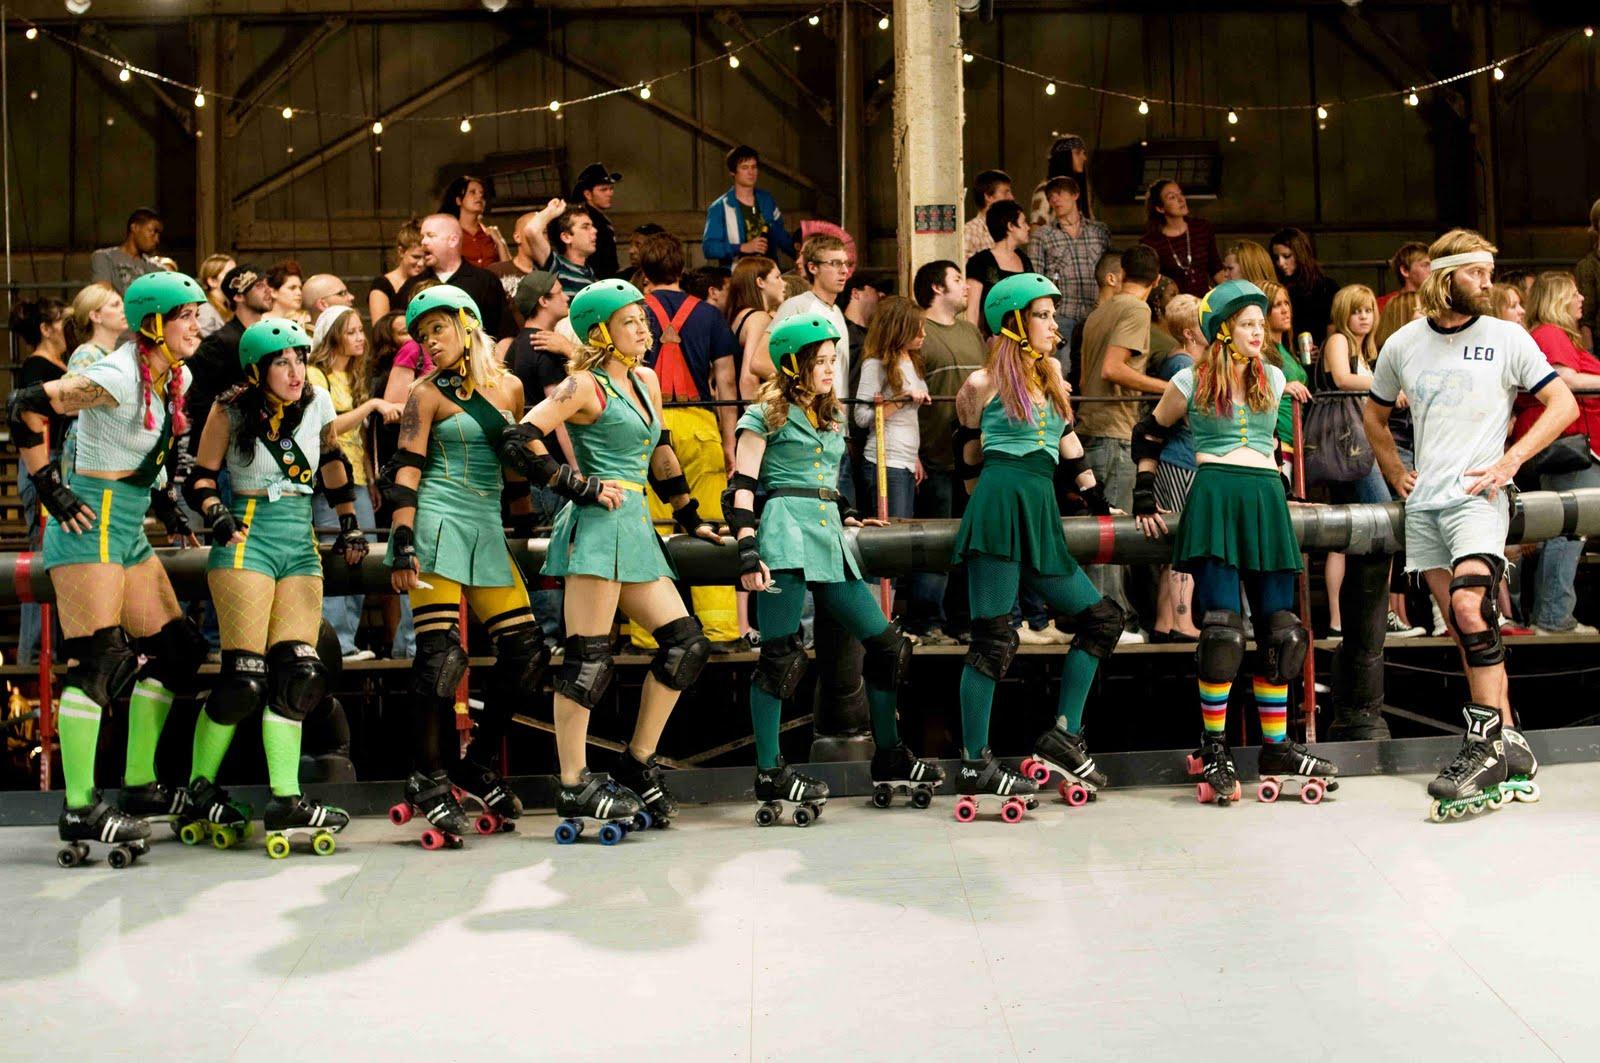 http://1.bp.blogspot.com/-TBu7Uw2fmuQ/TaXscOiyXPI/AAAAAAAACZE/fmRY3hcEJA8/s1600/whip_it_Roller_Girls.jpg